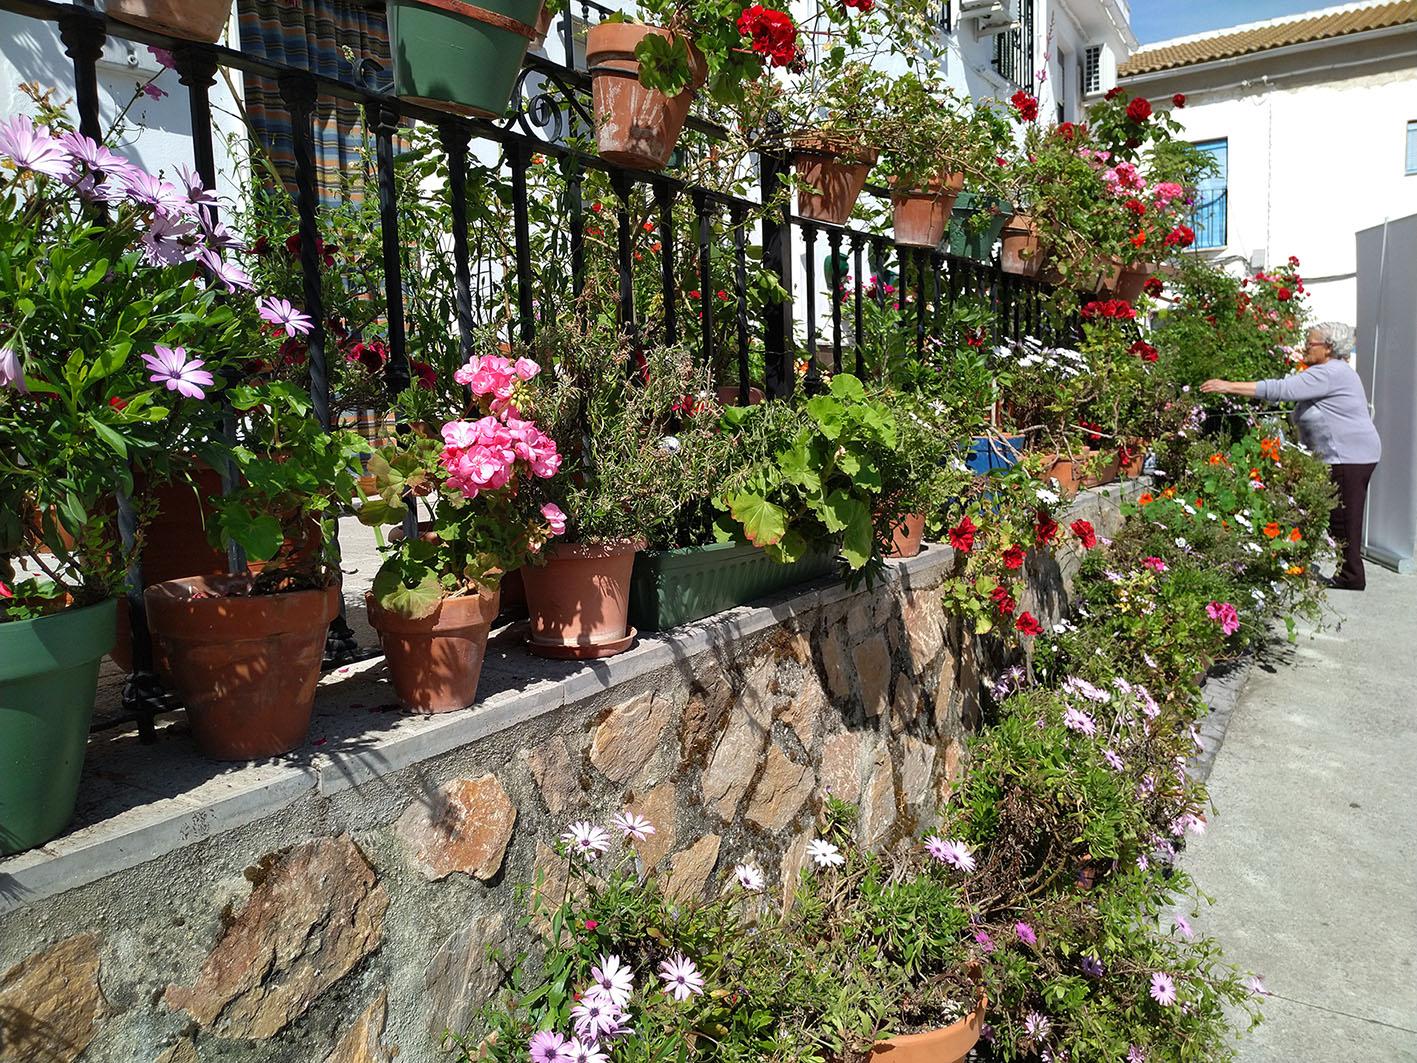 Festival de los Balcones y Rincones de Iznajar - Que ver en Iznajar - Visitar Cordoba